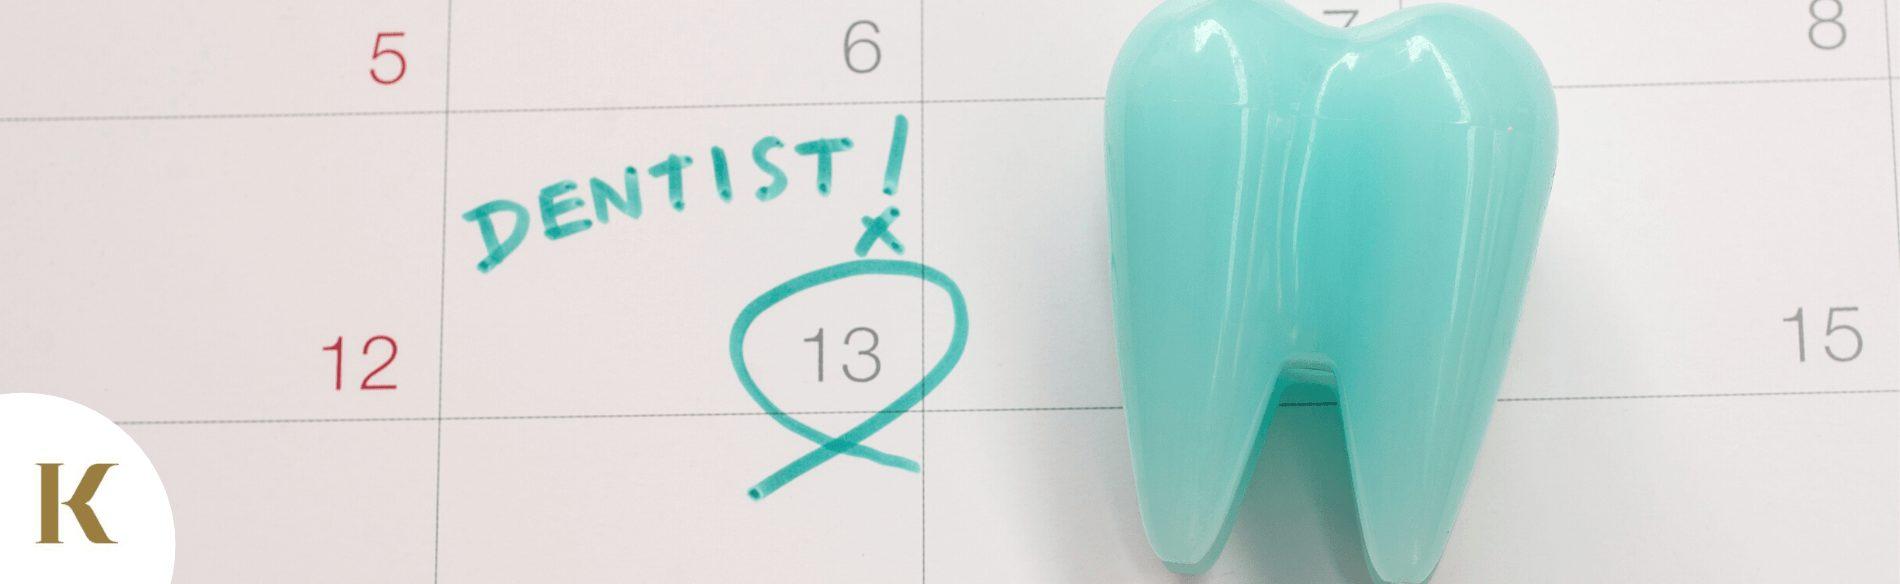 Scheduled dental treatment post-lockdown